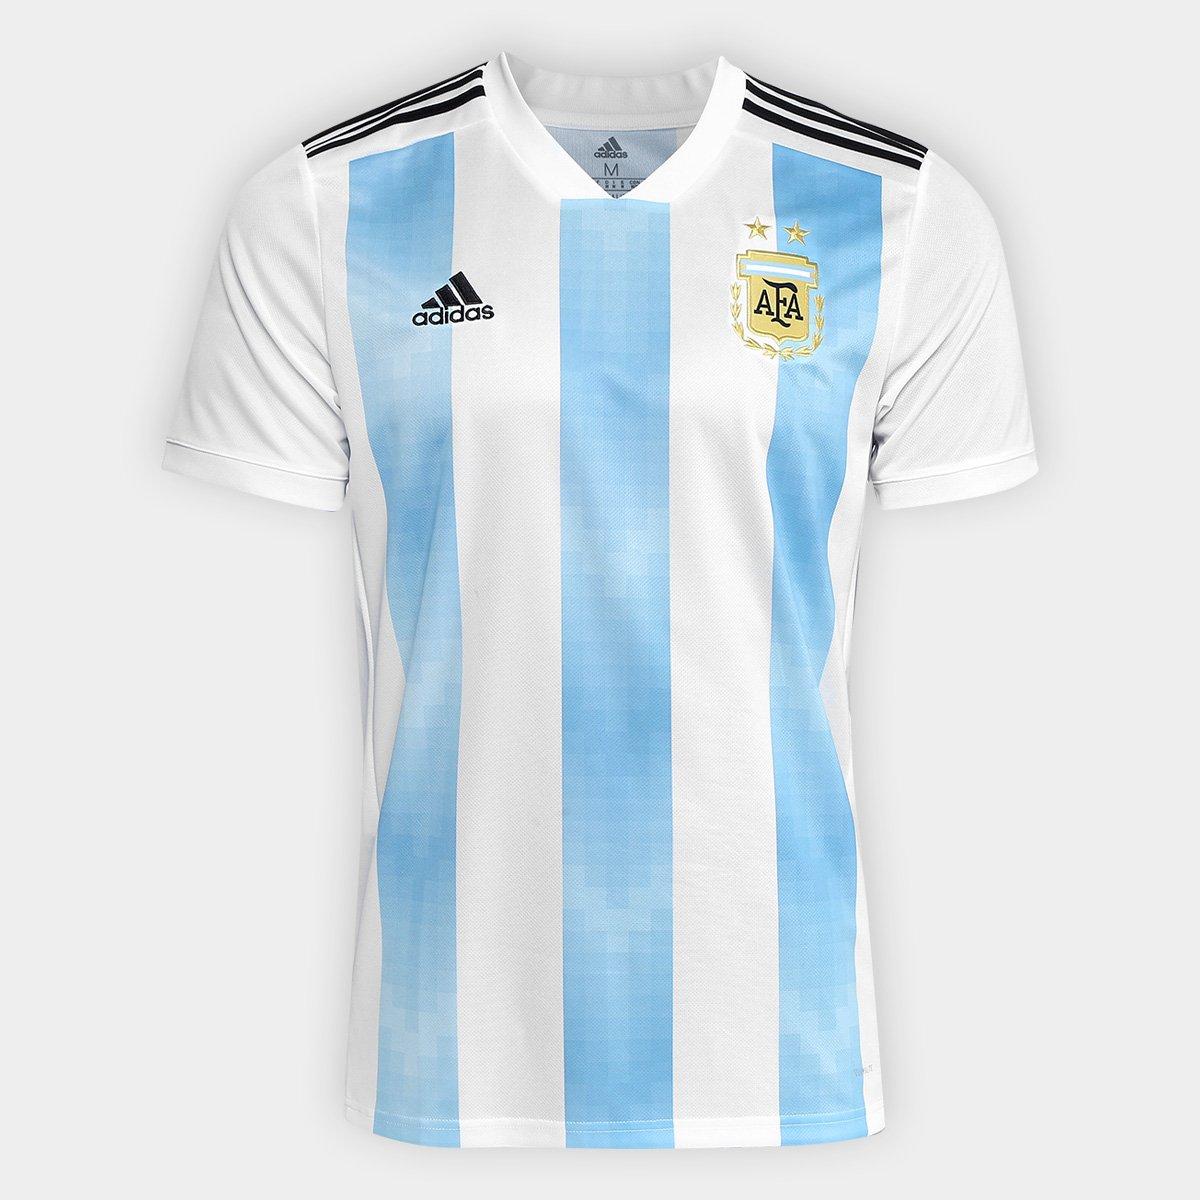 98084061765 Camisa Seleção Argentina Home 2018 s n° Torcedor Adidas Masculina - Compre  Agora